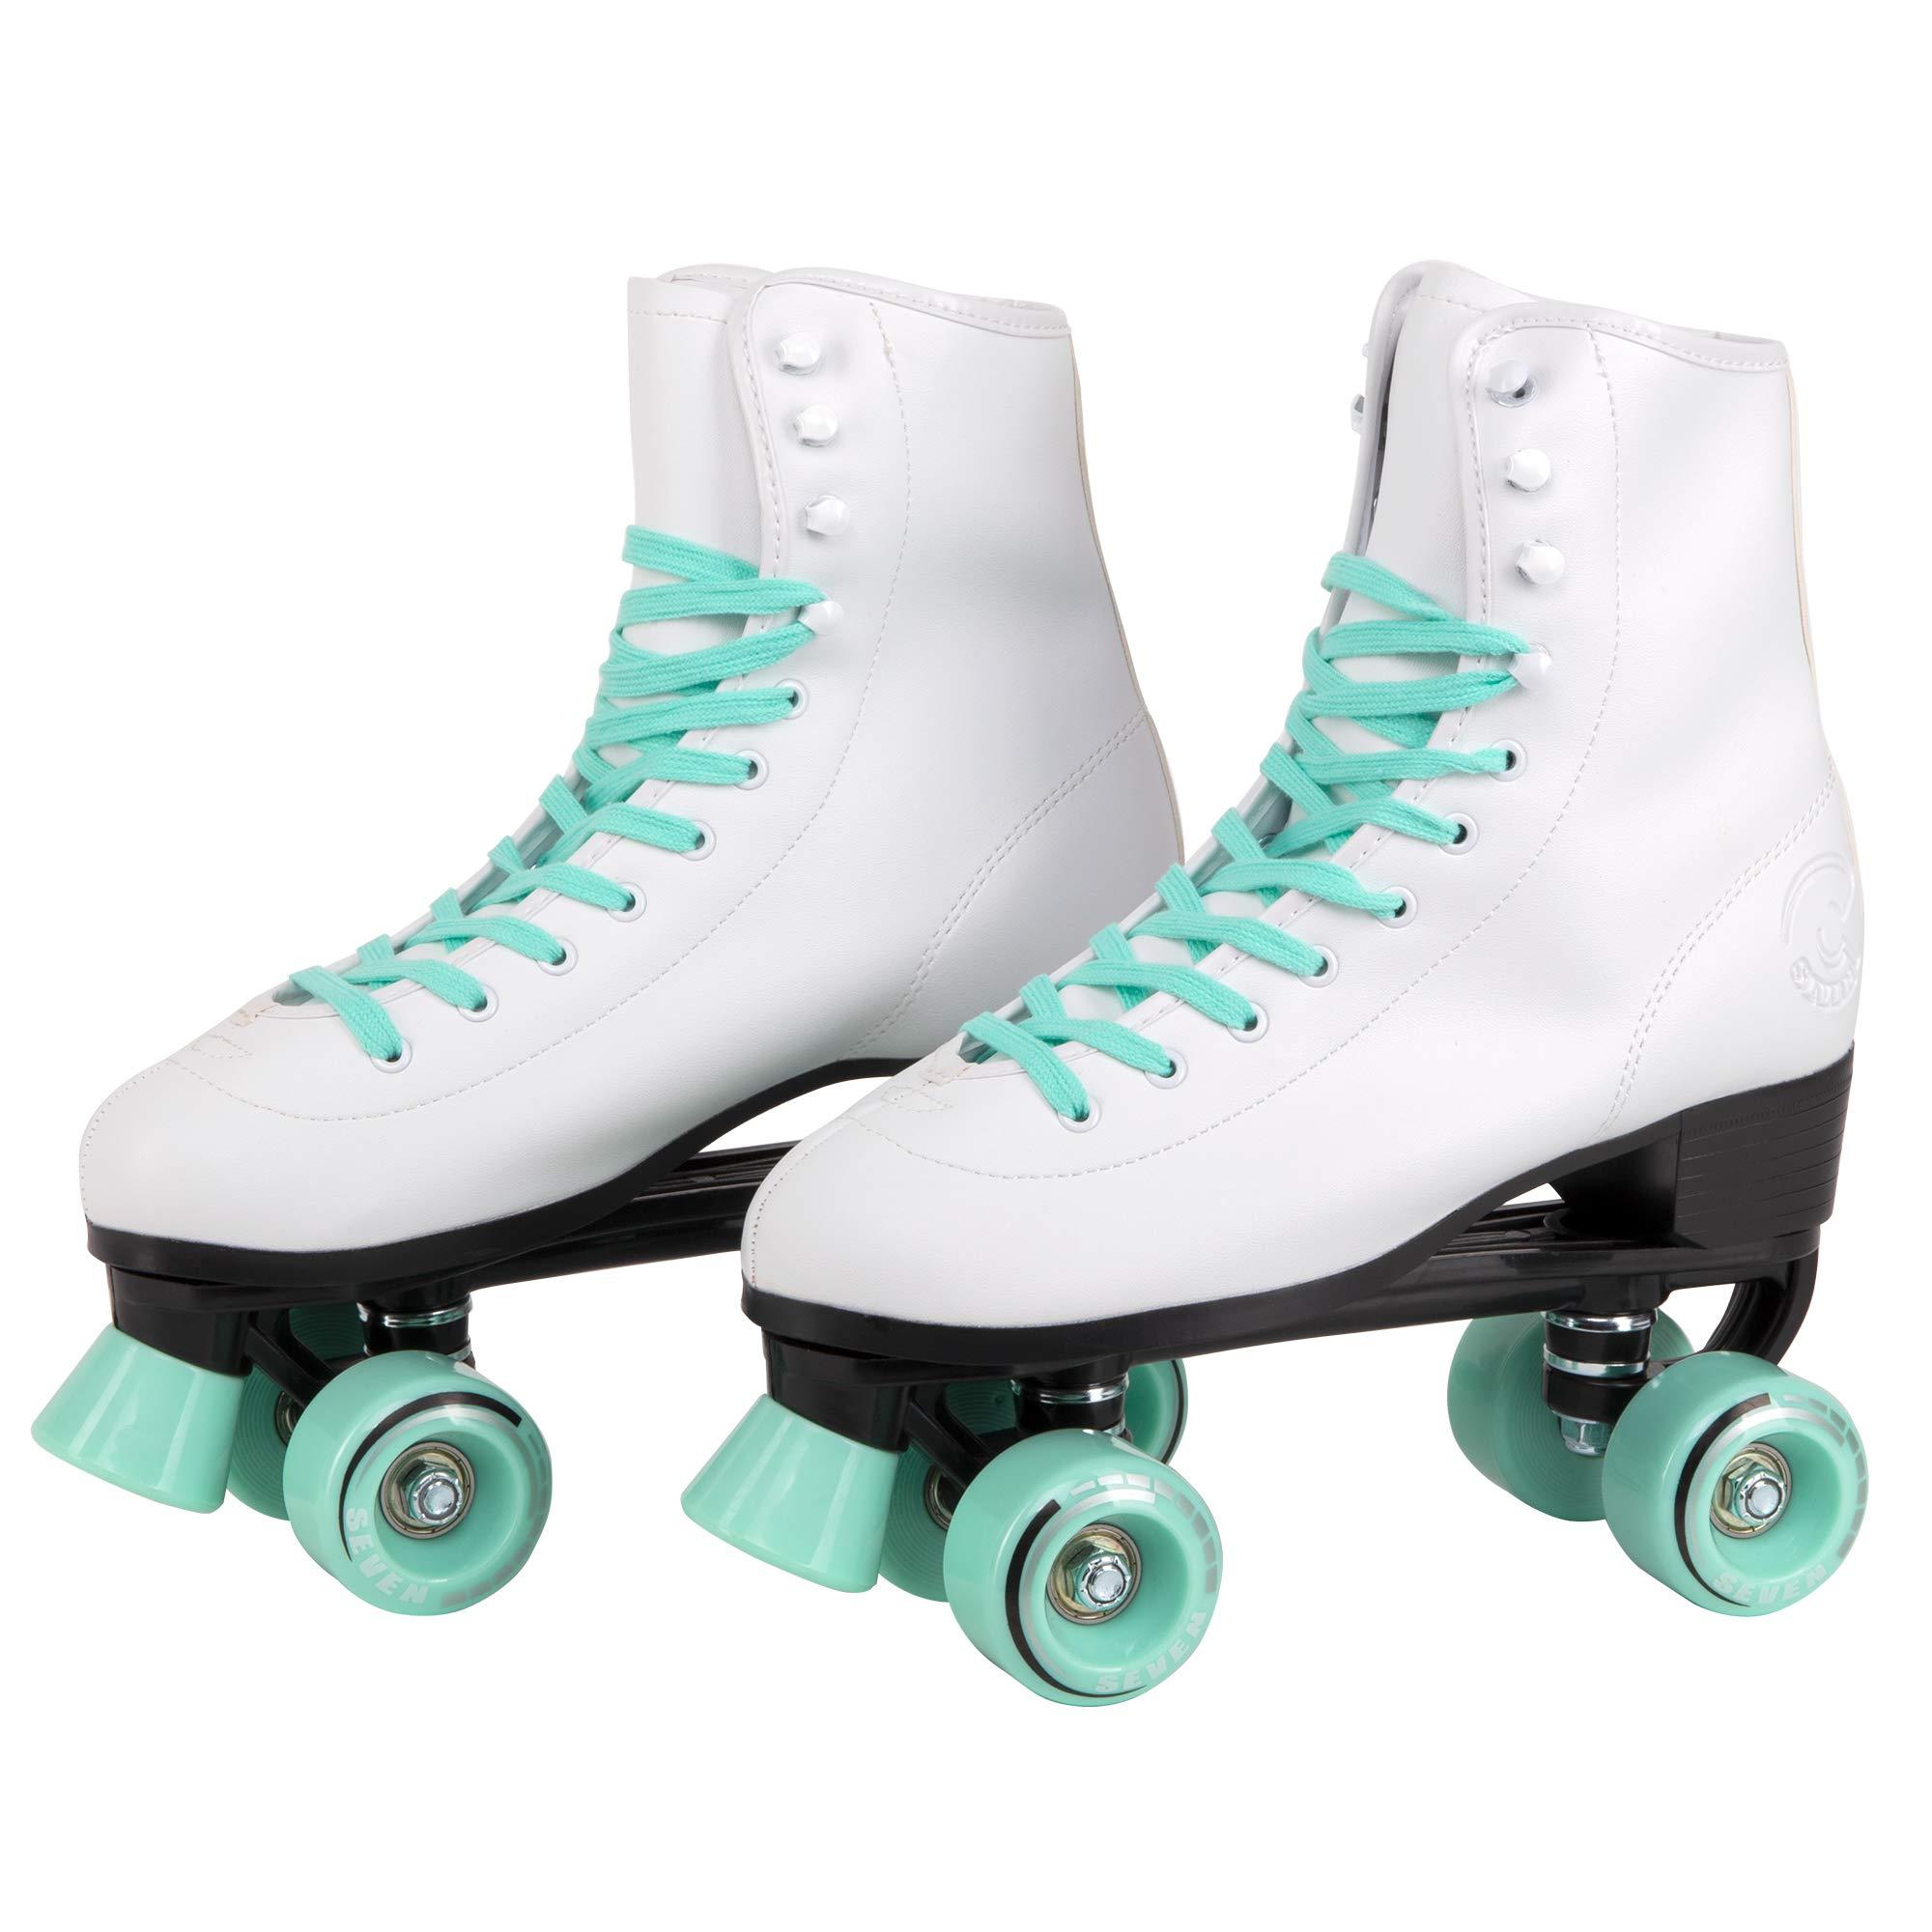 C SEVEN Soft Faux Leather Quad Roller Skates